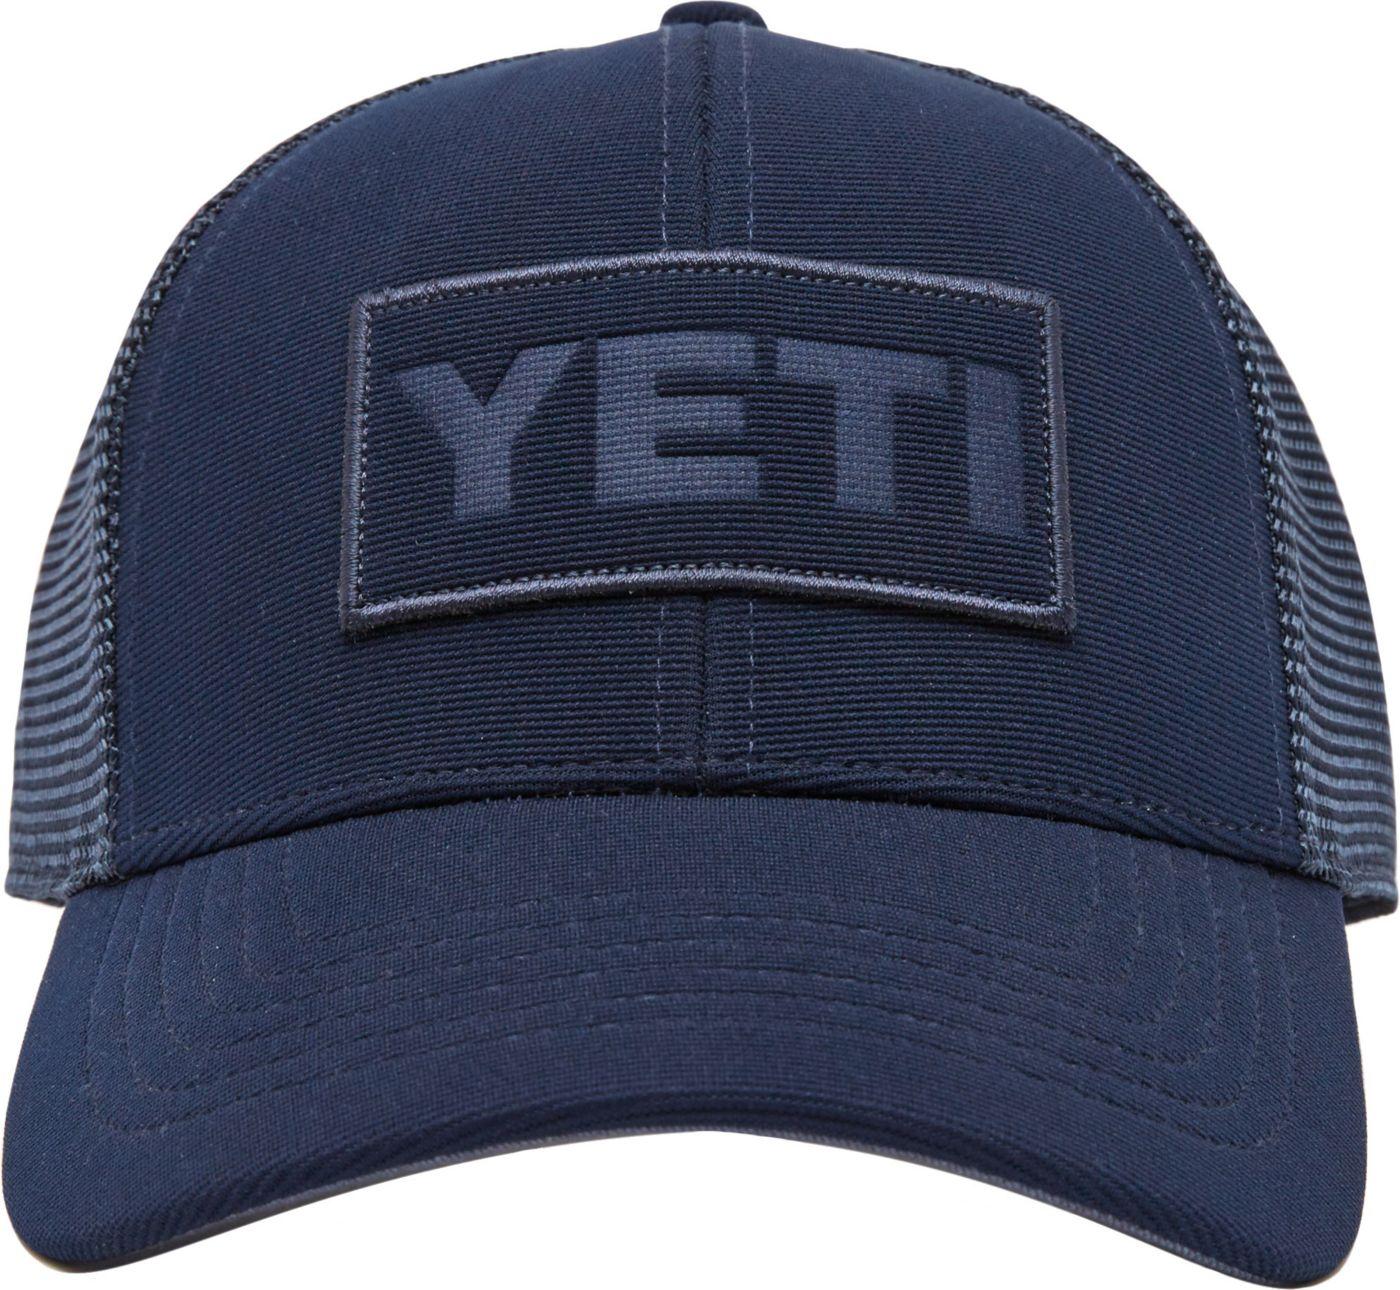 YETI Men's Patch Trucker Hat